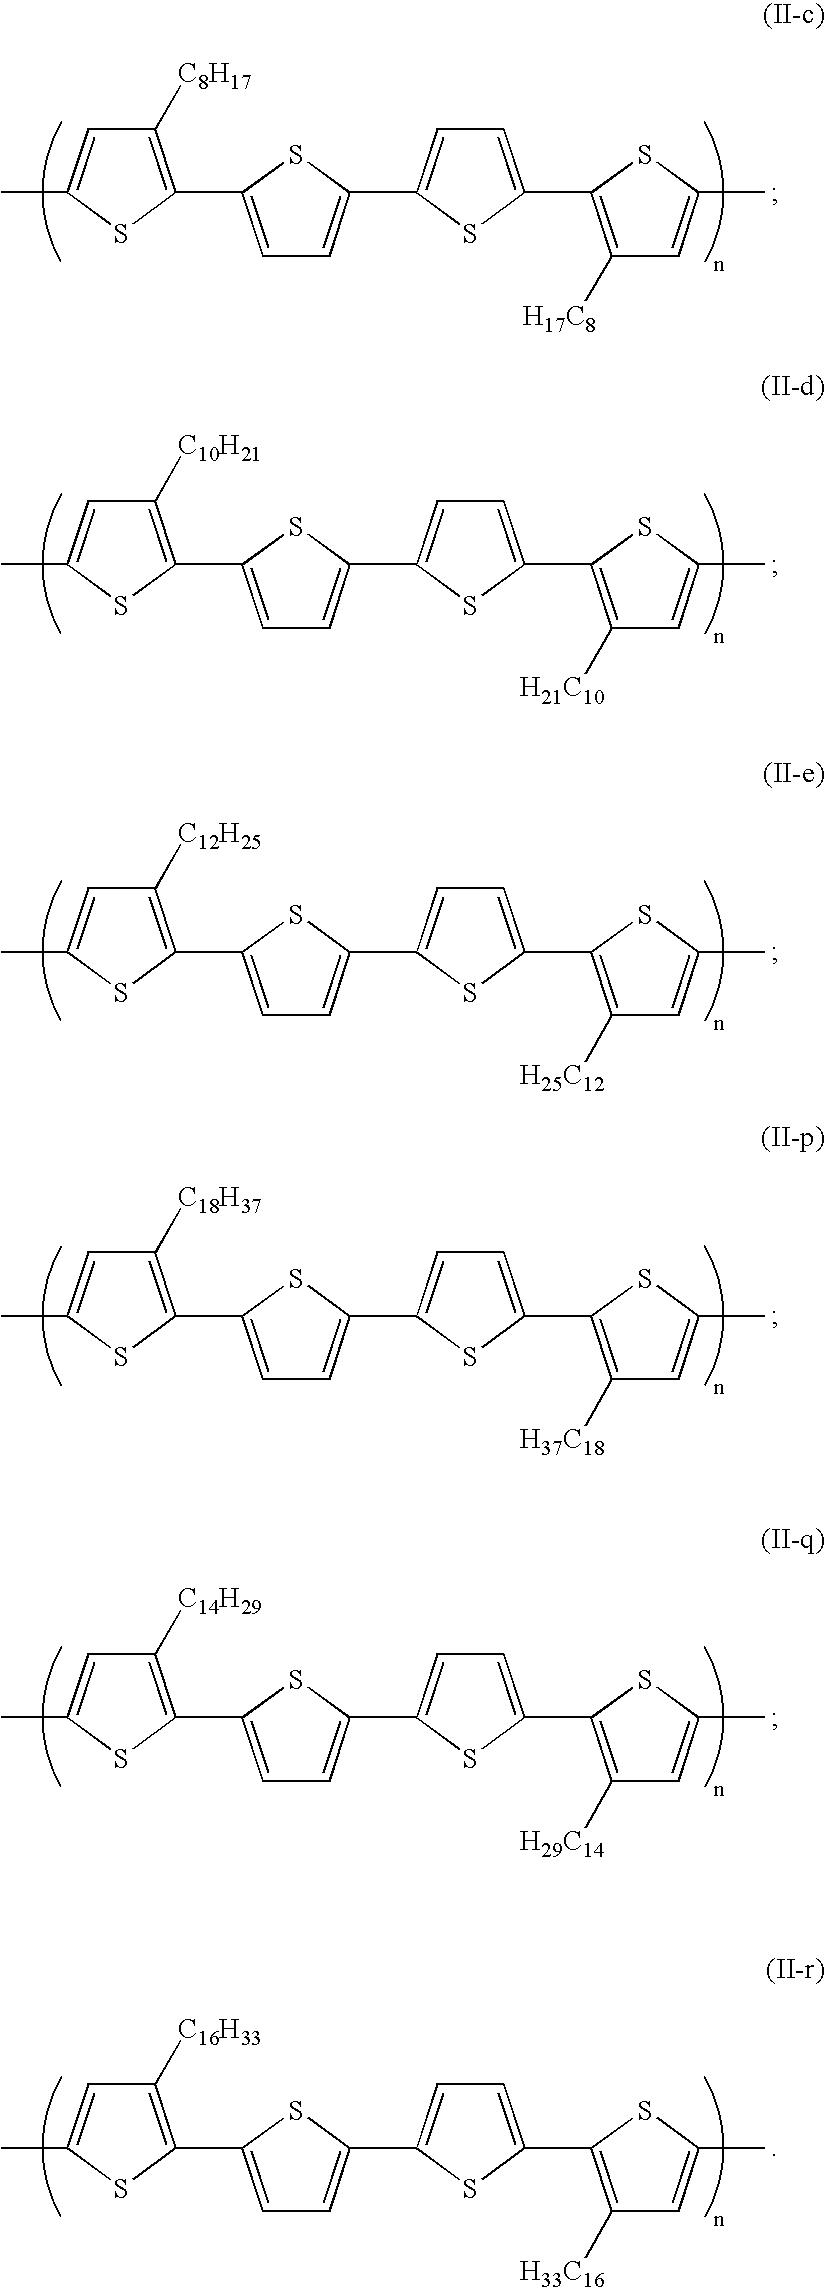 Figure US20050017311A1-20050127-C00033